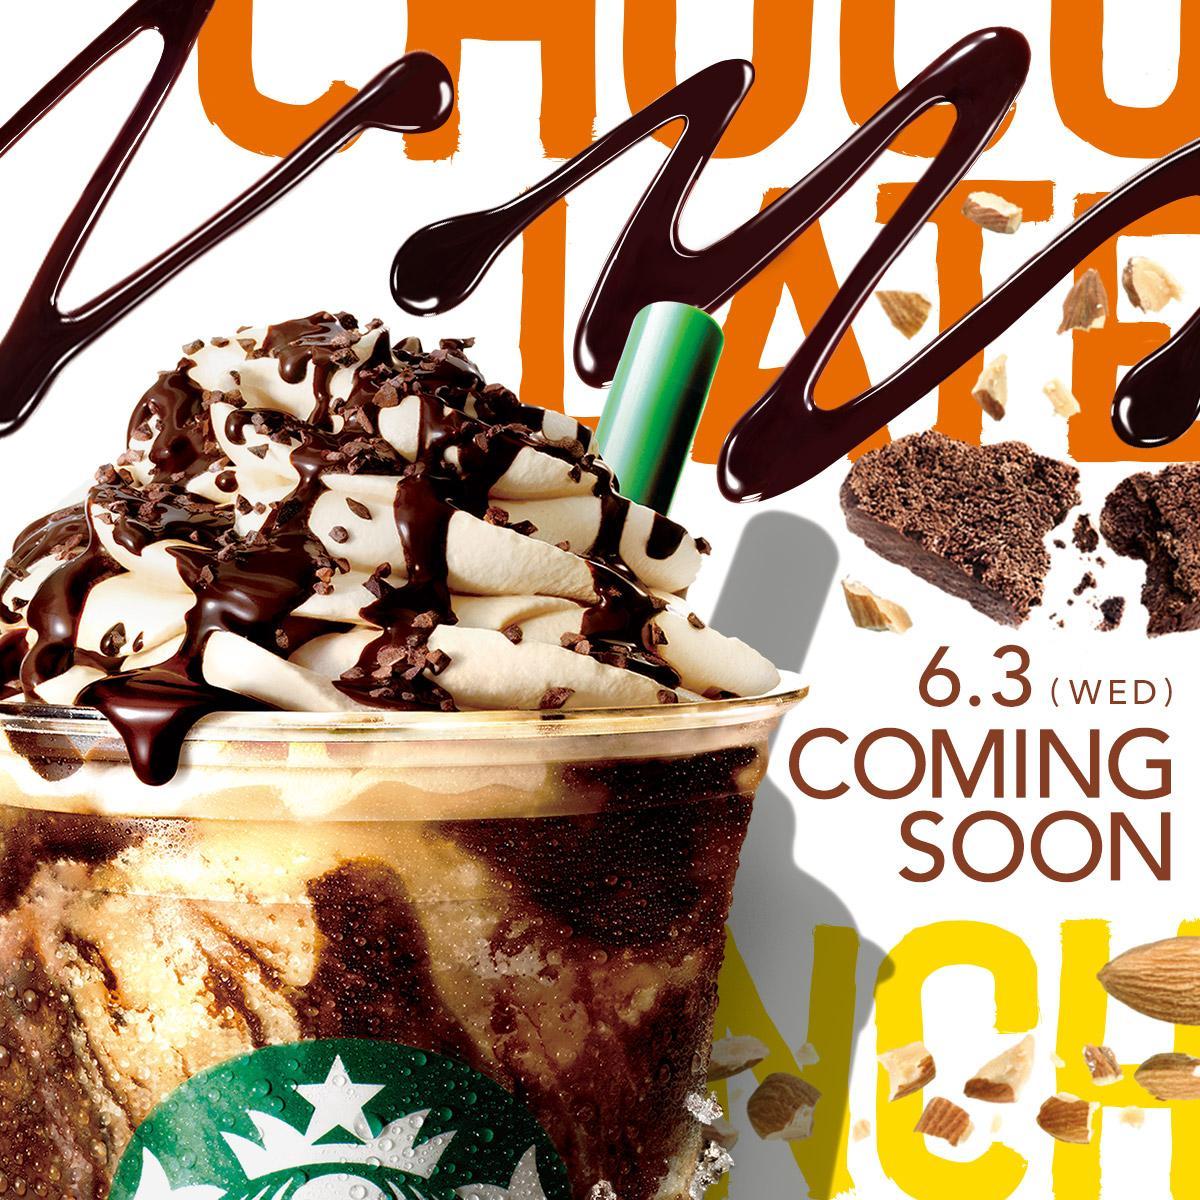 6/3(水)から「チョコレート クランチ フラペチーノ®」が新登場!My Starbucks会員の皆さまには、ひと足早く詳細な情報をご紹介します。 http://t.co/freHIrWes4 http://t.co/oIN3iljVU3